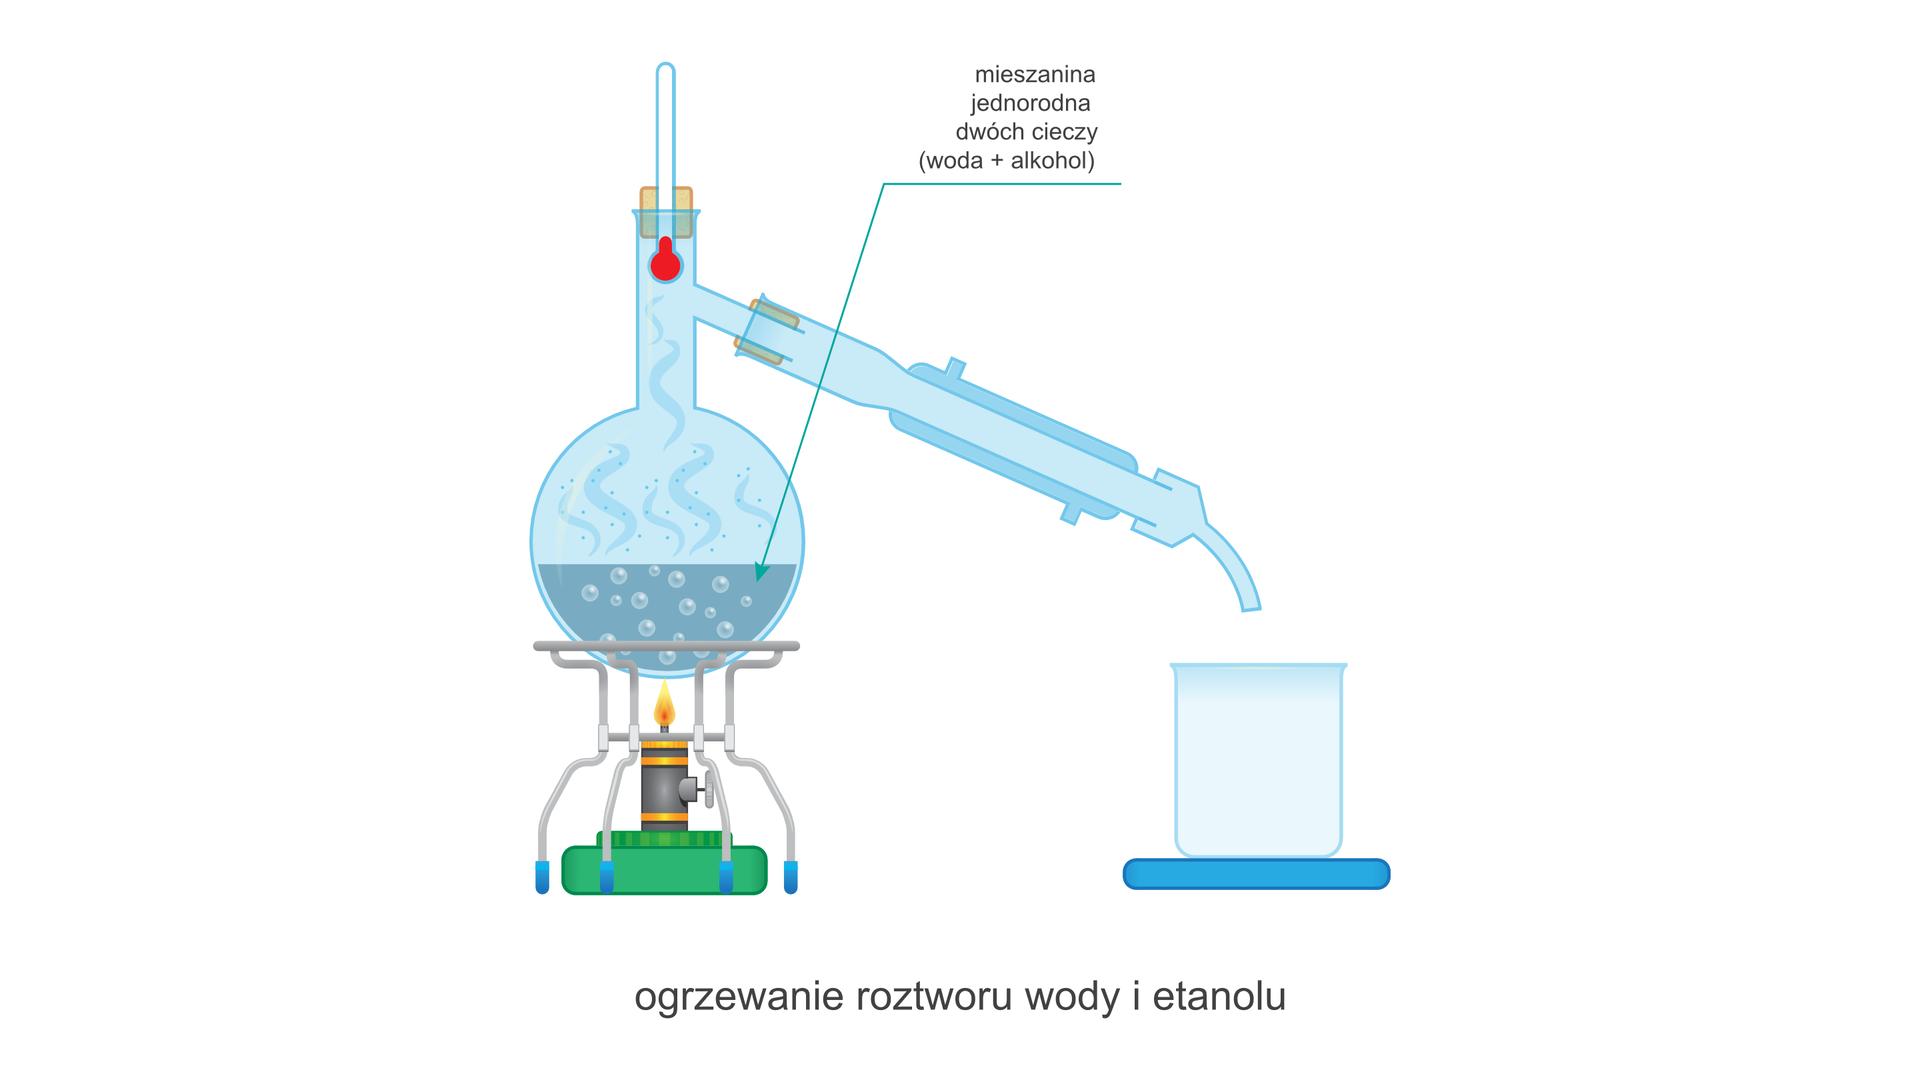 Ilustracja przedstawia zestaw do destylacji składający się zkolby, chłodnicy wodnej, zlewki, palnika itermometru. Po lewej stronie znajduje się włączony palnik, nad którym na metalowym stojaku położona jest kulista kolba destylacyjna, której szyja rozdziela się na część pionową, wktórej szlifie znajduje się korek ztermometrem oraz poziomą skierowaną wdół, do której podłączono chłodnicę wodną. Koniec wylotowy chłodnicy wyprowadzony jest tuż nad niewielką zlewki pełniącej rolę odbieralnika stojącą na podstawce. Wrząca iparująca substancja znajdująca się wkolbie popisana jest: mieszanina jednorodna dwóch cieczy (woda + alkohol). Cały rysunek nosi podpis: ogrzewanie roztworu wody ietanolu.